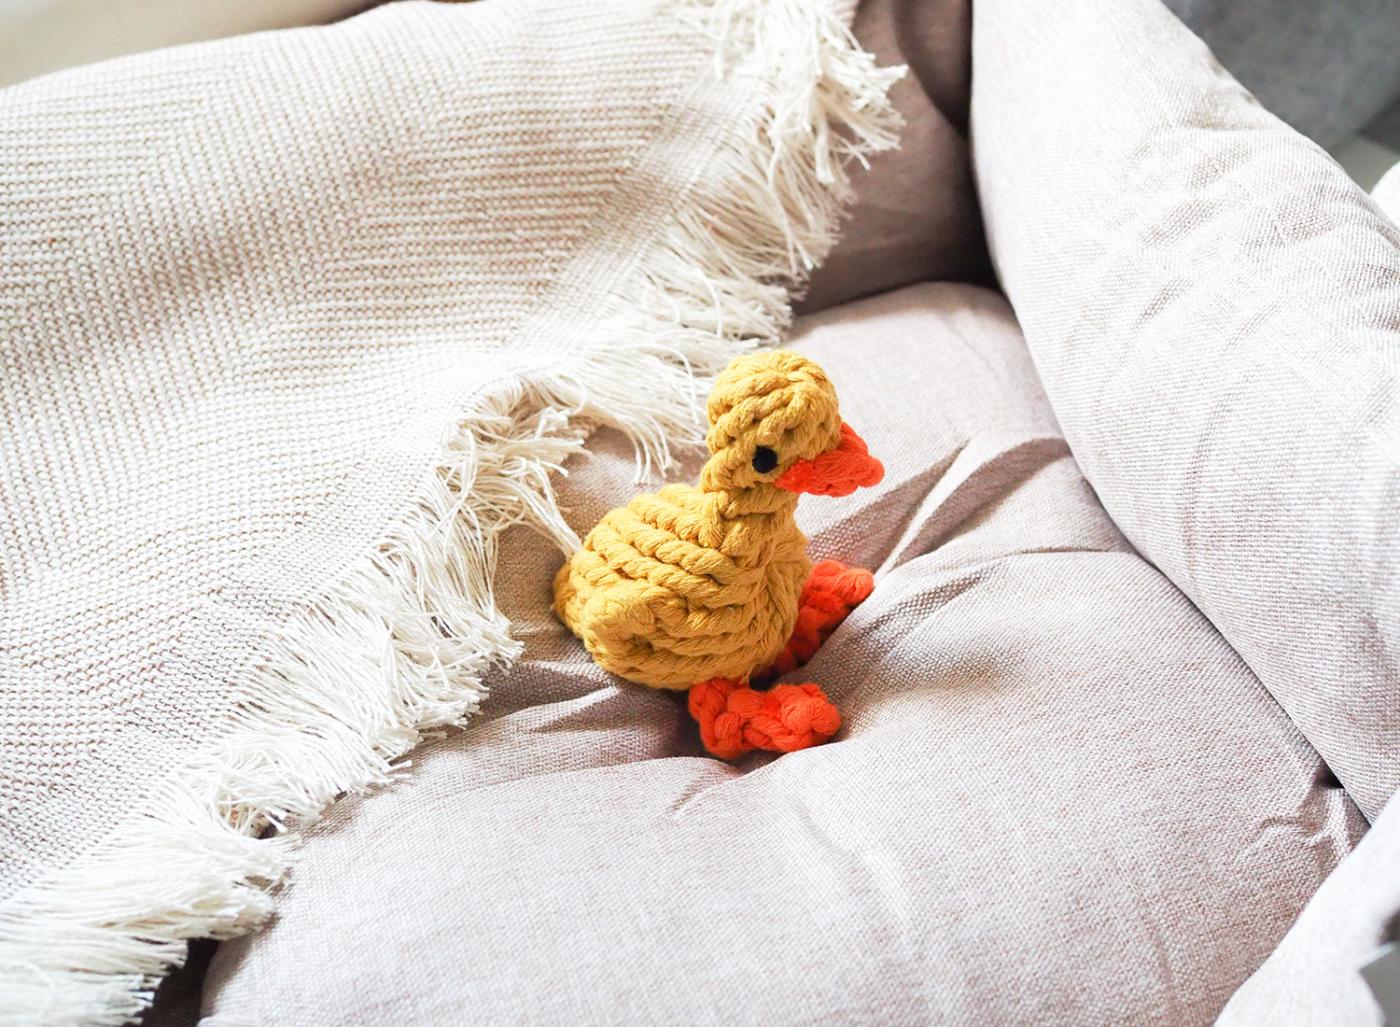 Hundespielezeug aus natürliche Baumwolle zum Reiniger der Zähne des Hundes - Ente Didrik